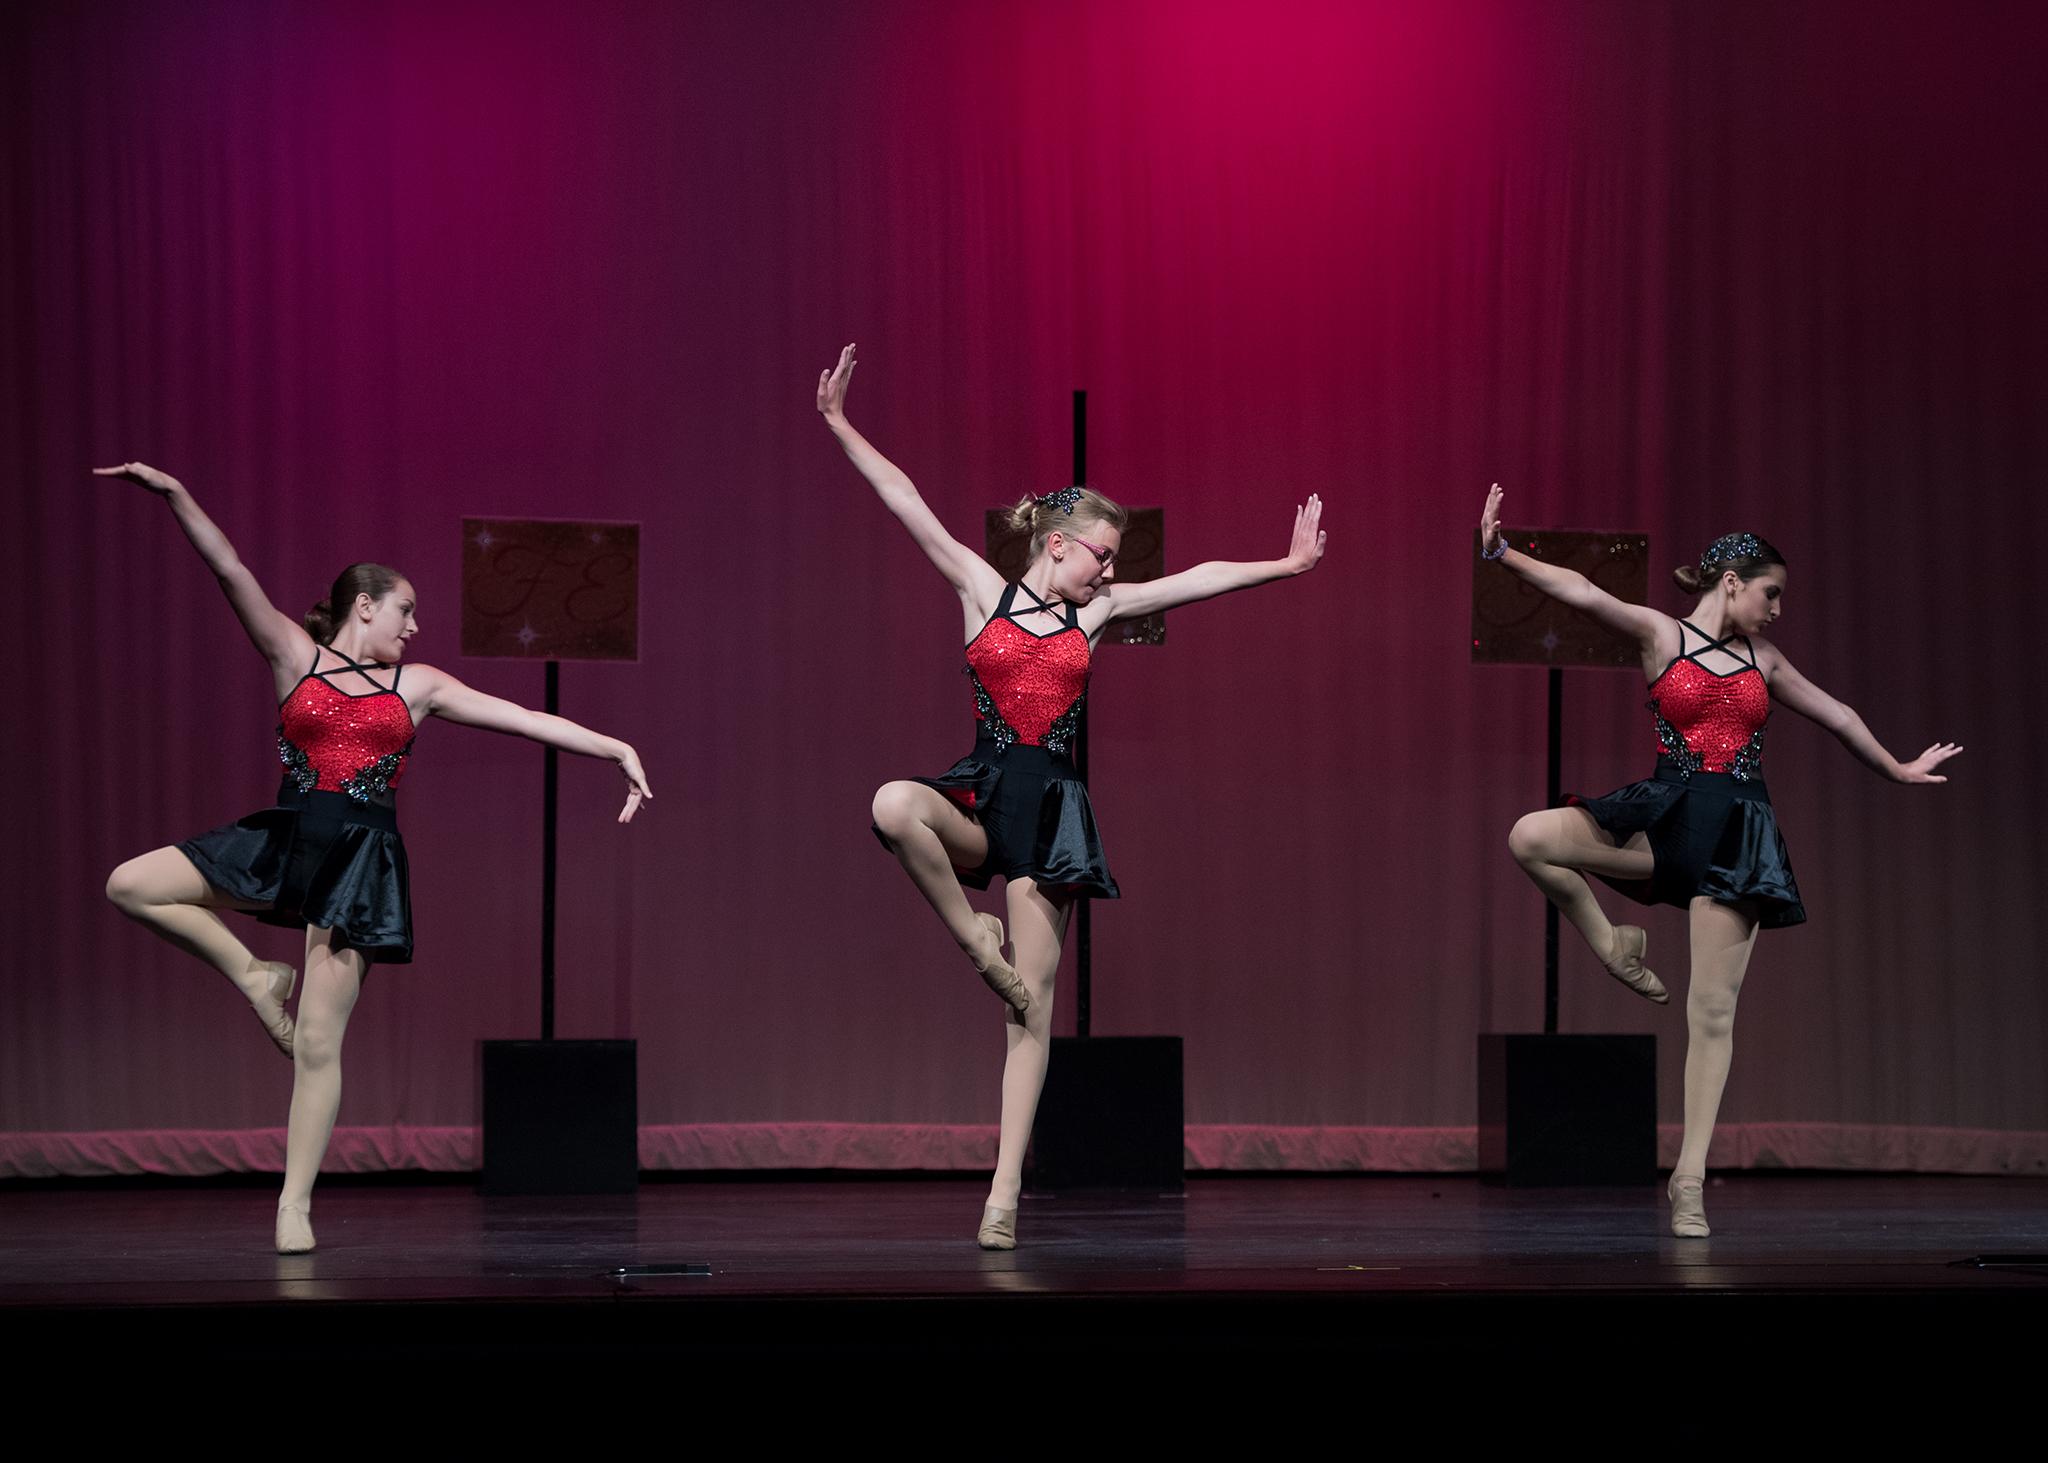 dance17_RM5_9322_sm.jpg